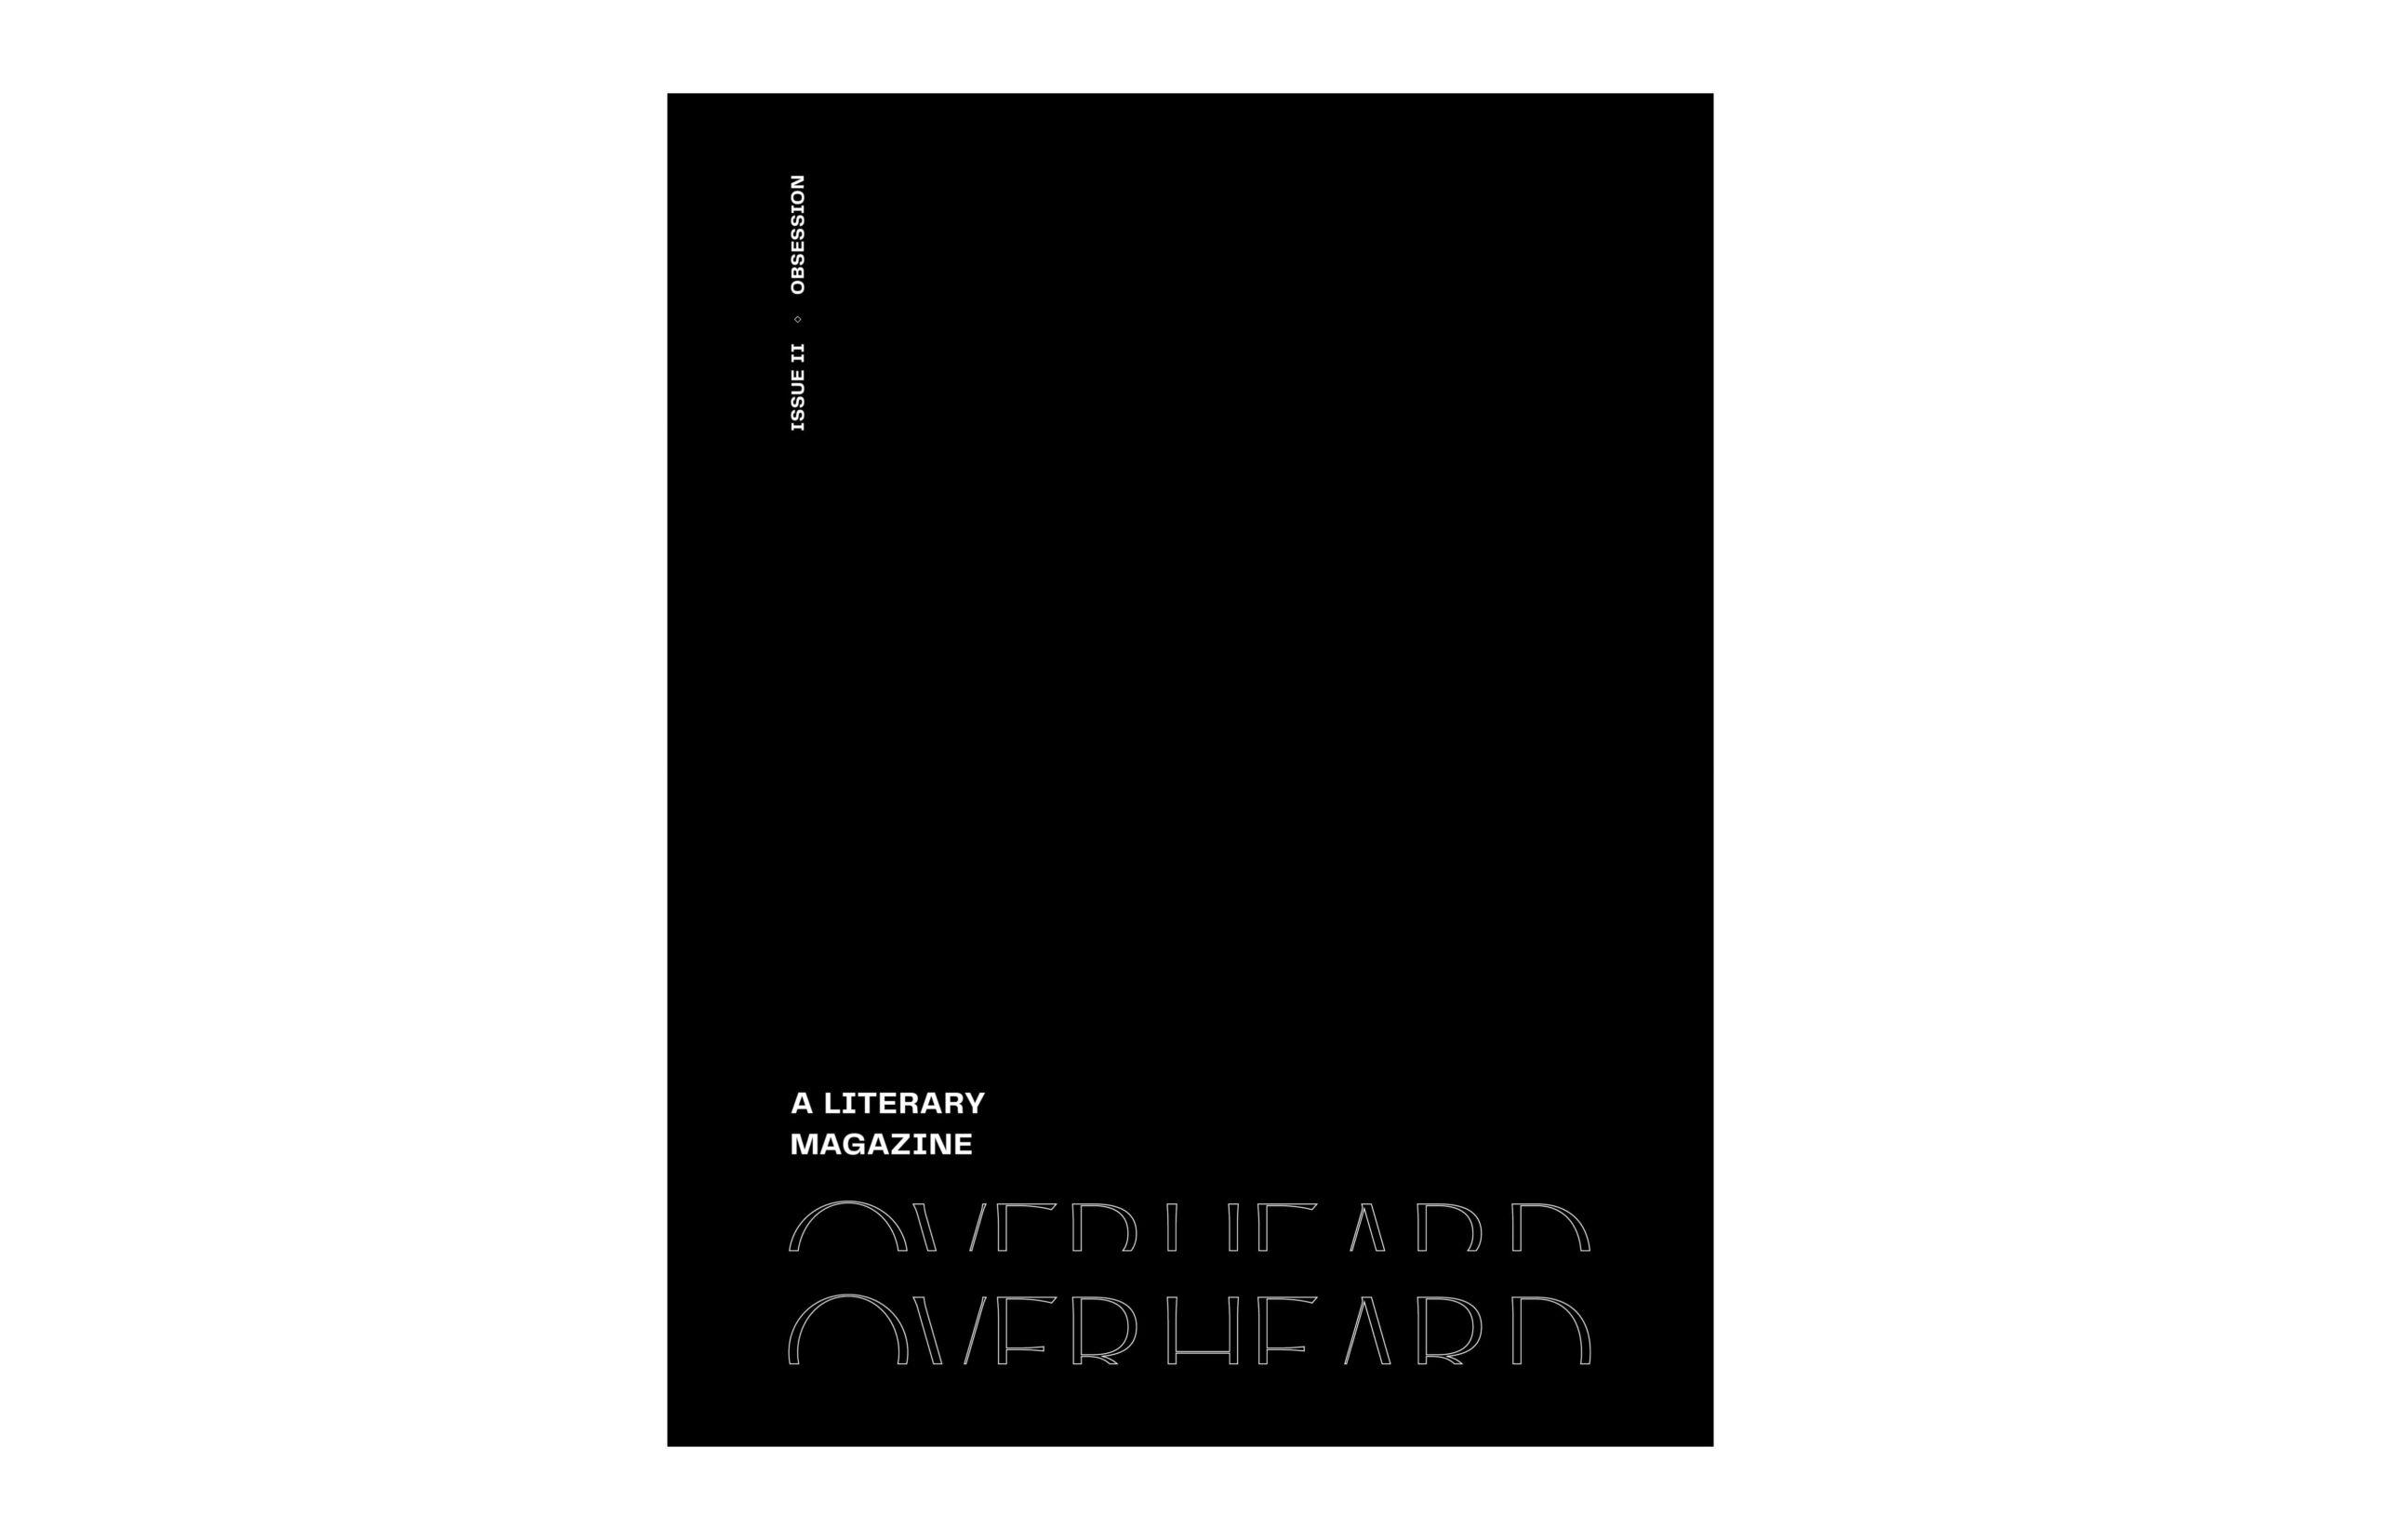 obsession-cover spread2-min